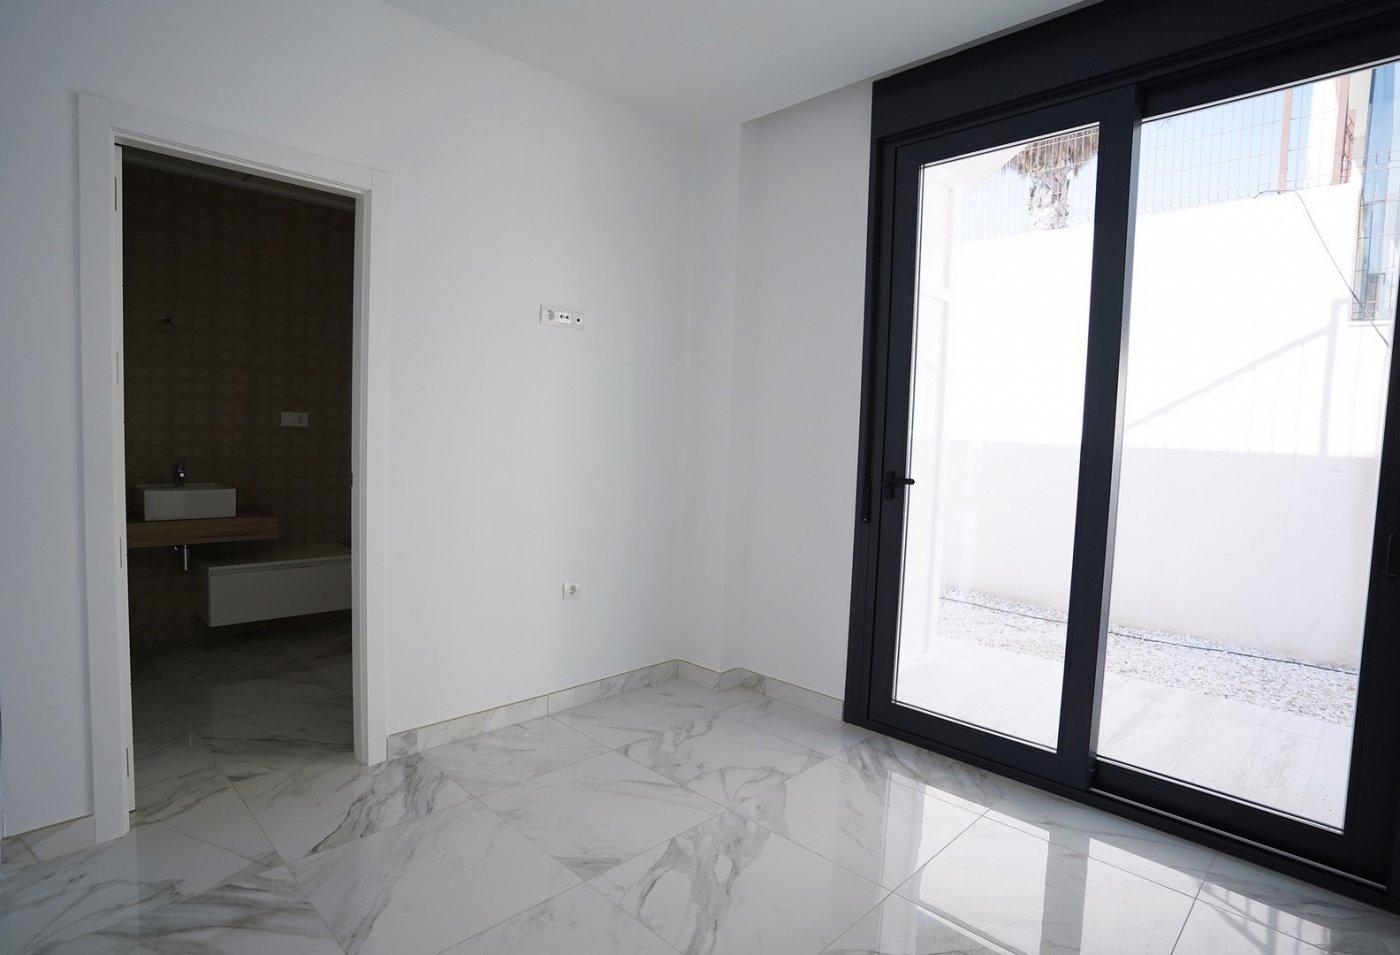 Villas de obra nueva en un nivel en polop!!! - imagenInmueble9